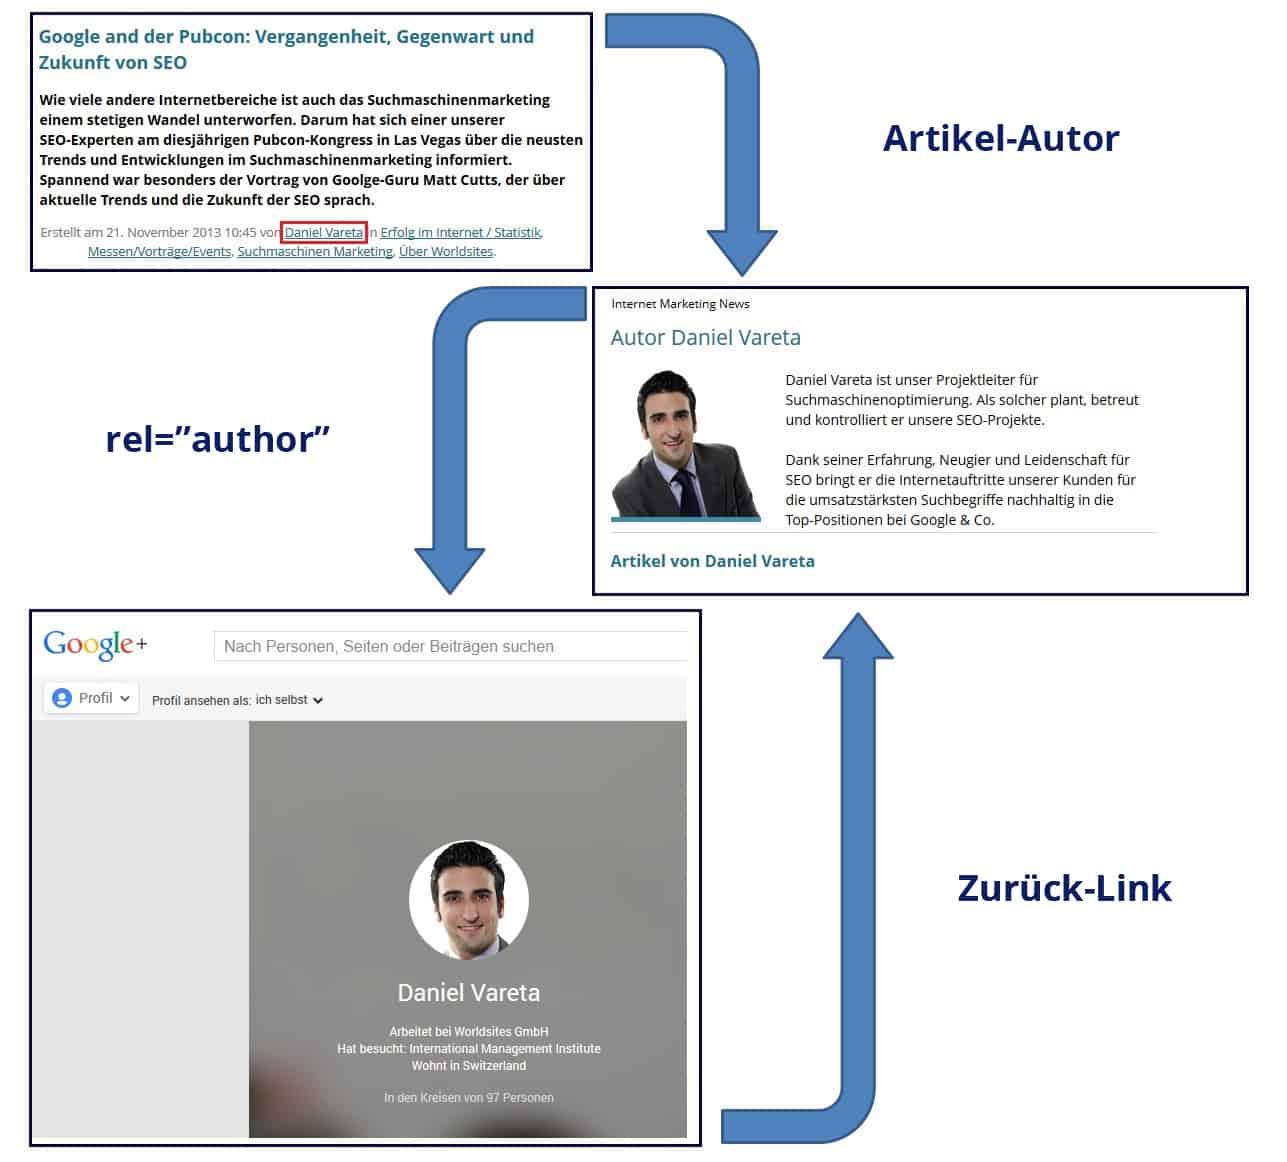 Rel=author Verbindung zwischen Inhalten, Google-Profil und Autoren-Biografie